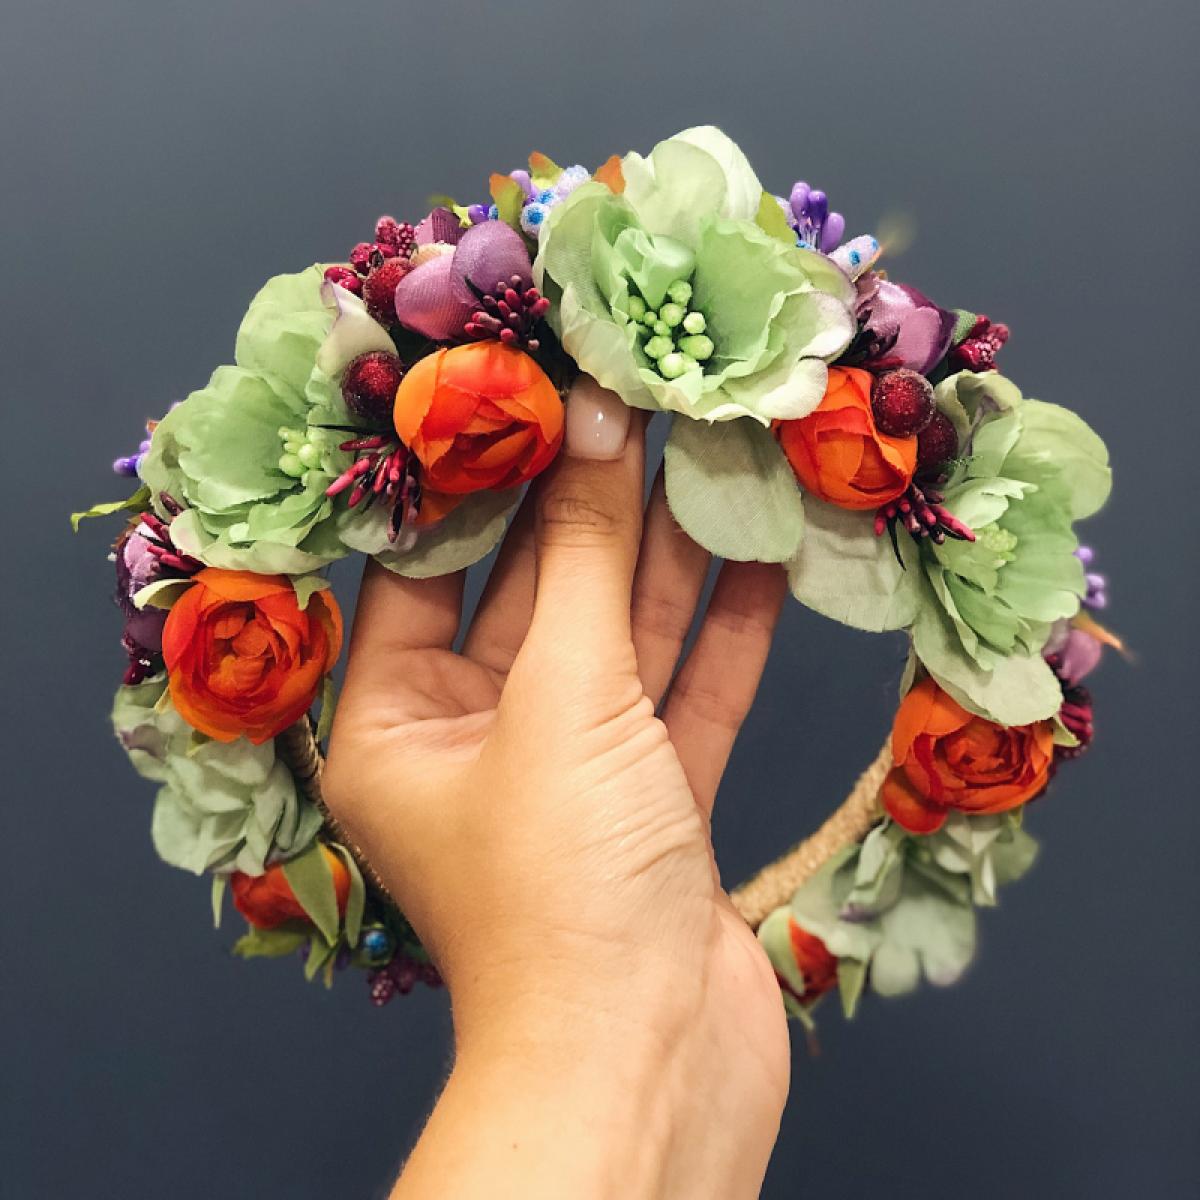 Віночок з м'ятними, бузковими та помаранчевими квітами. Фото №1. | Народний дім Україна